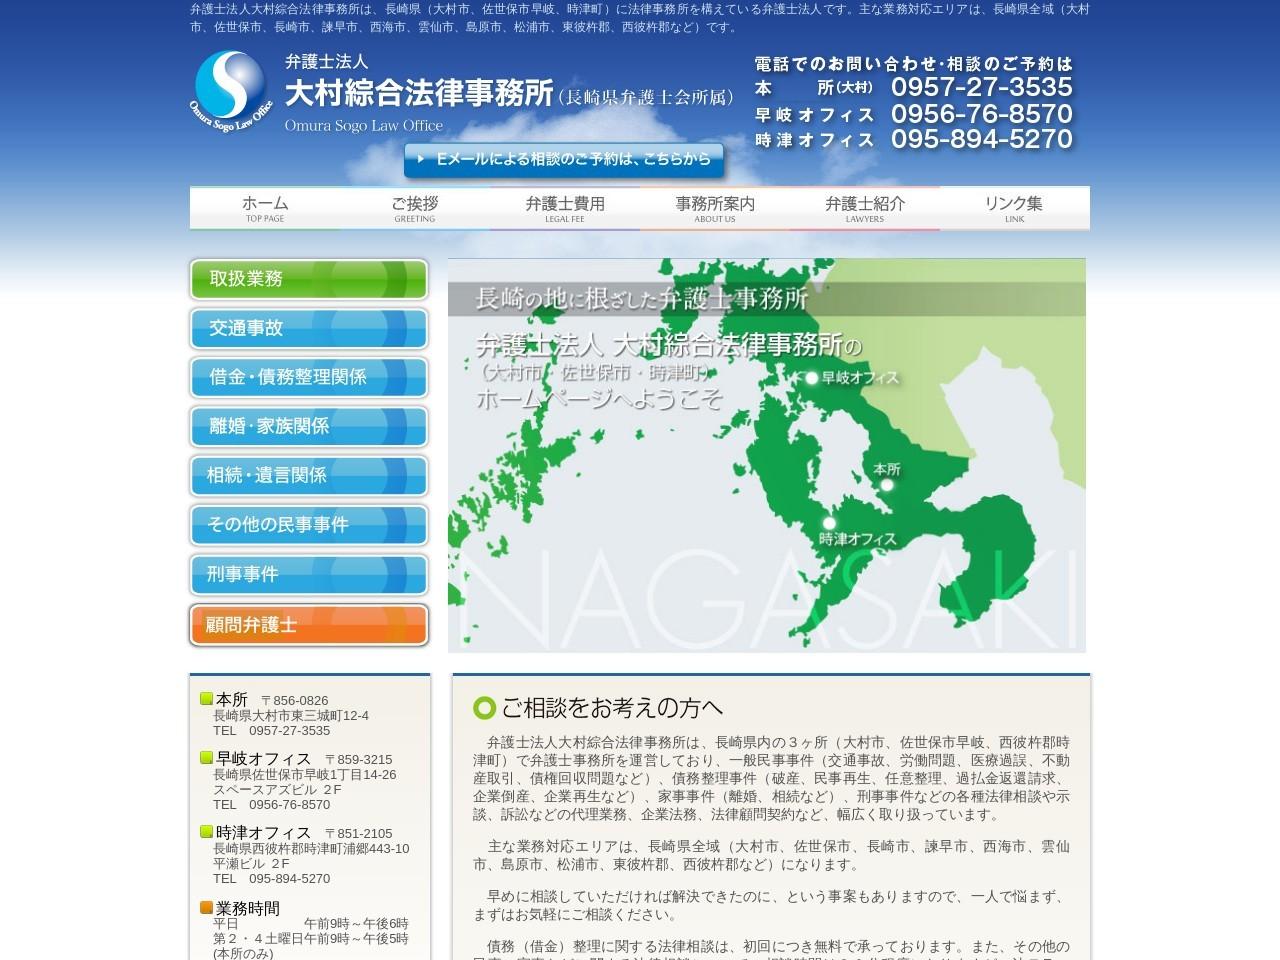 大村綜合法律事務所(弁護士法人)